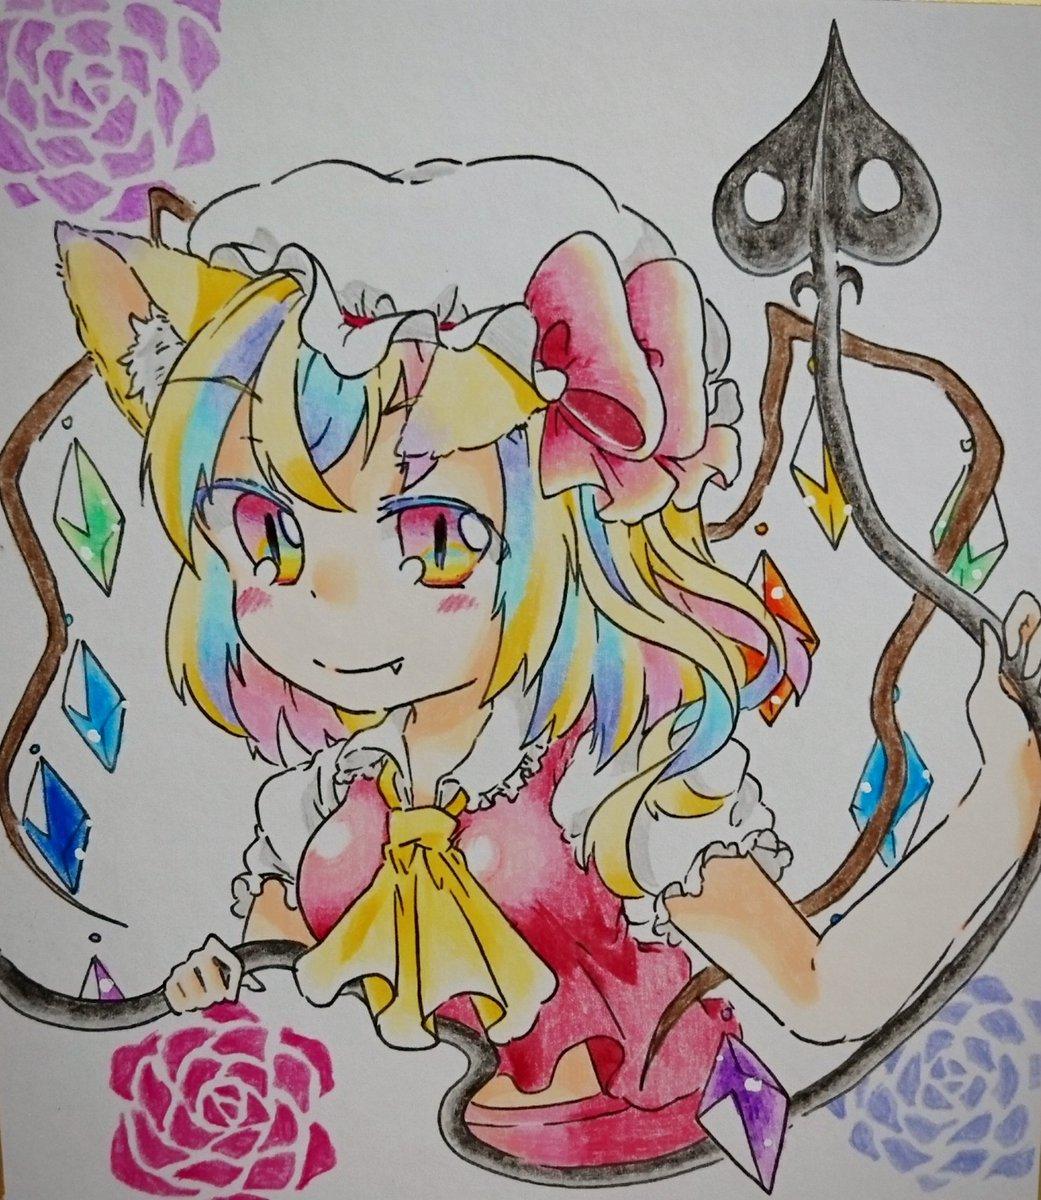 猫神 On Twitter メルカリで東方のイラスト描いて売ってます と